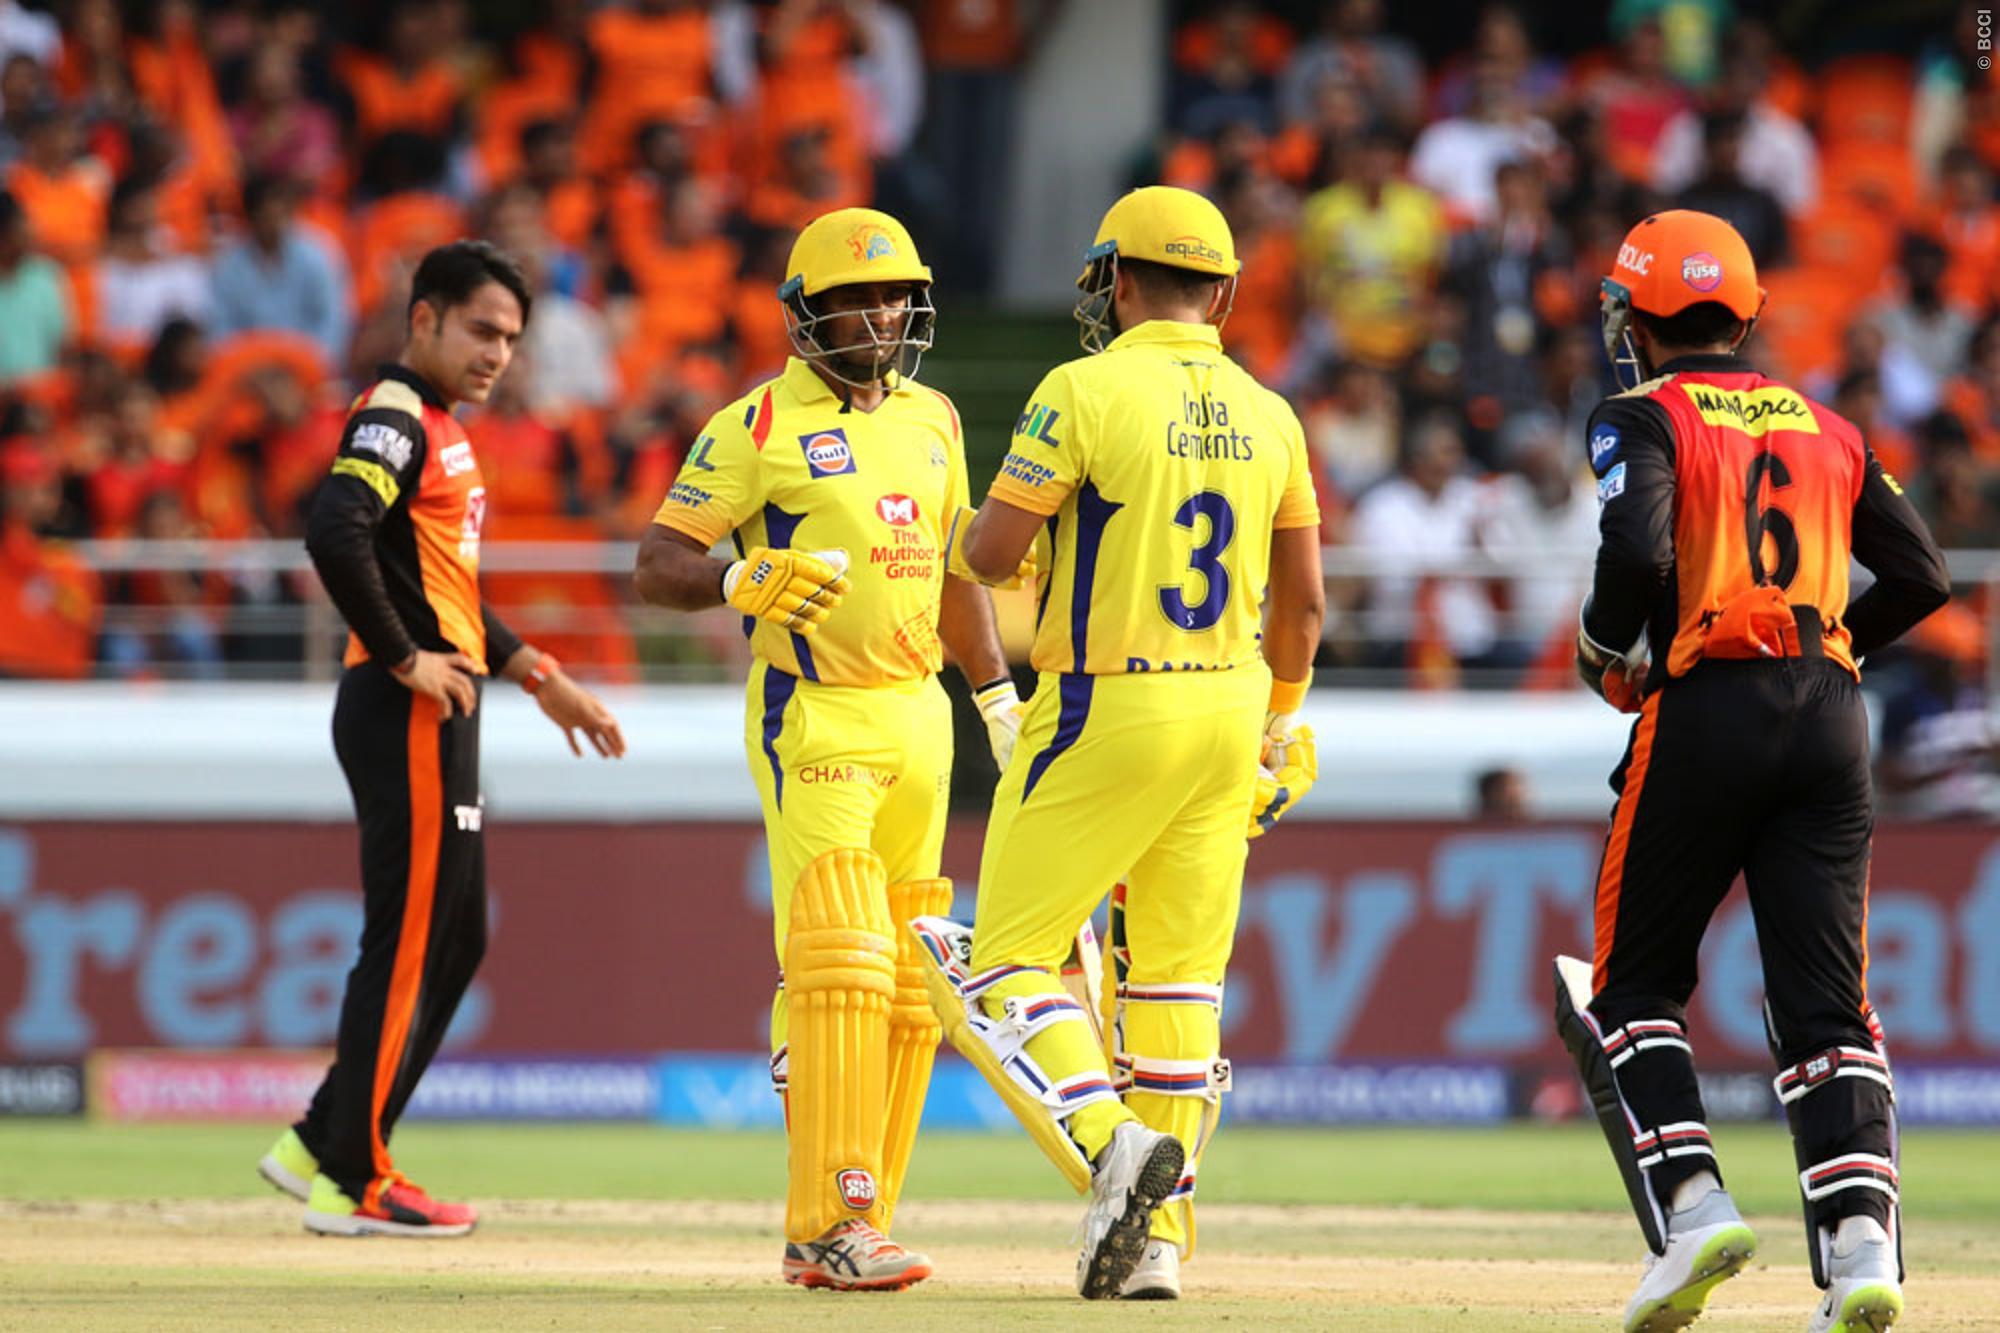 STATS: हैदराबाद और चेन्नई के बिच मैच में बने कुल 6 ऐतिहासिक रिकॉर्ड, लेकिन रैना ने कोहली को छोड़ा पीछे